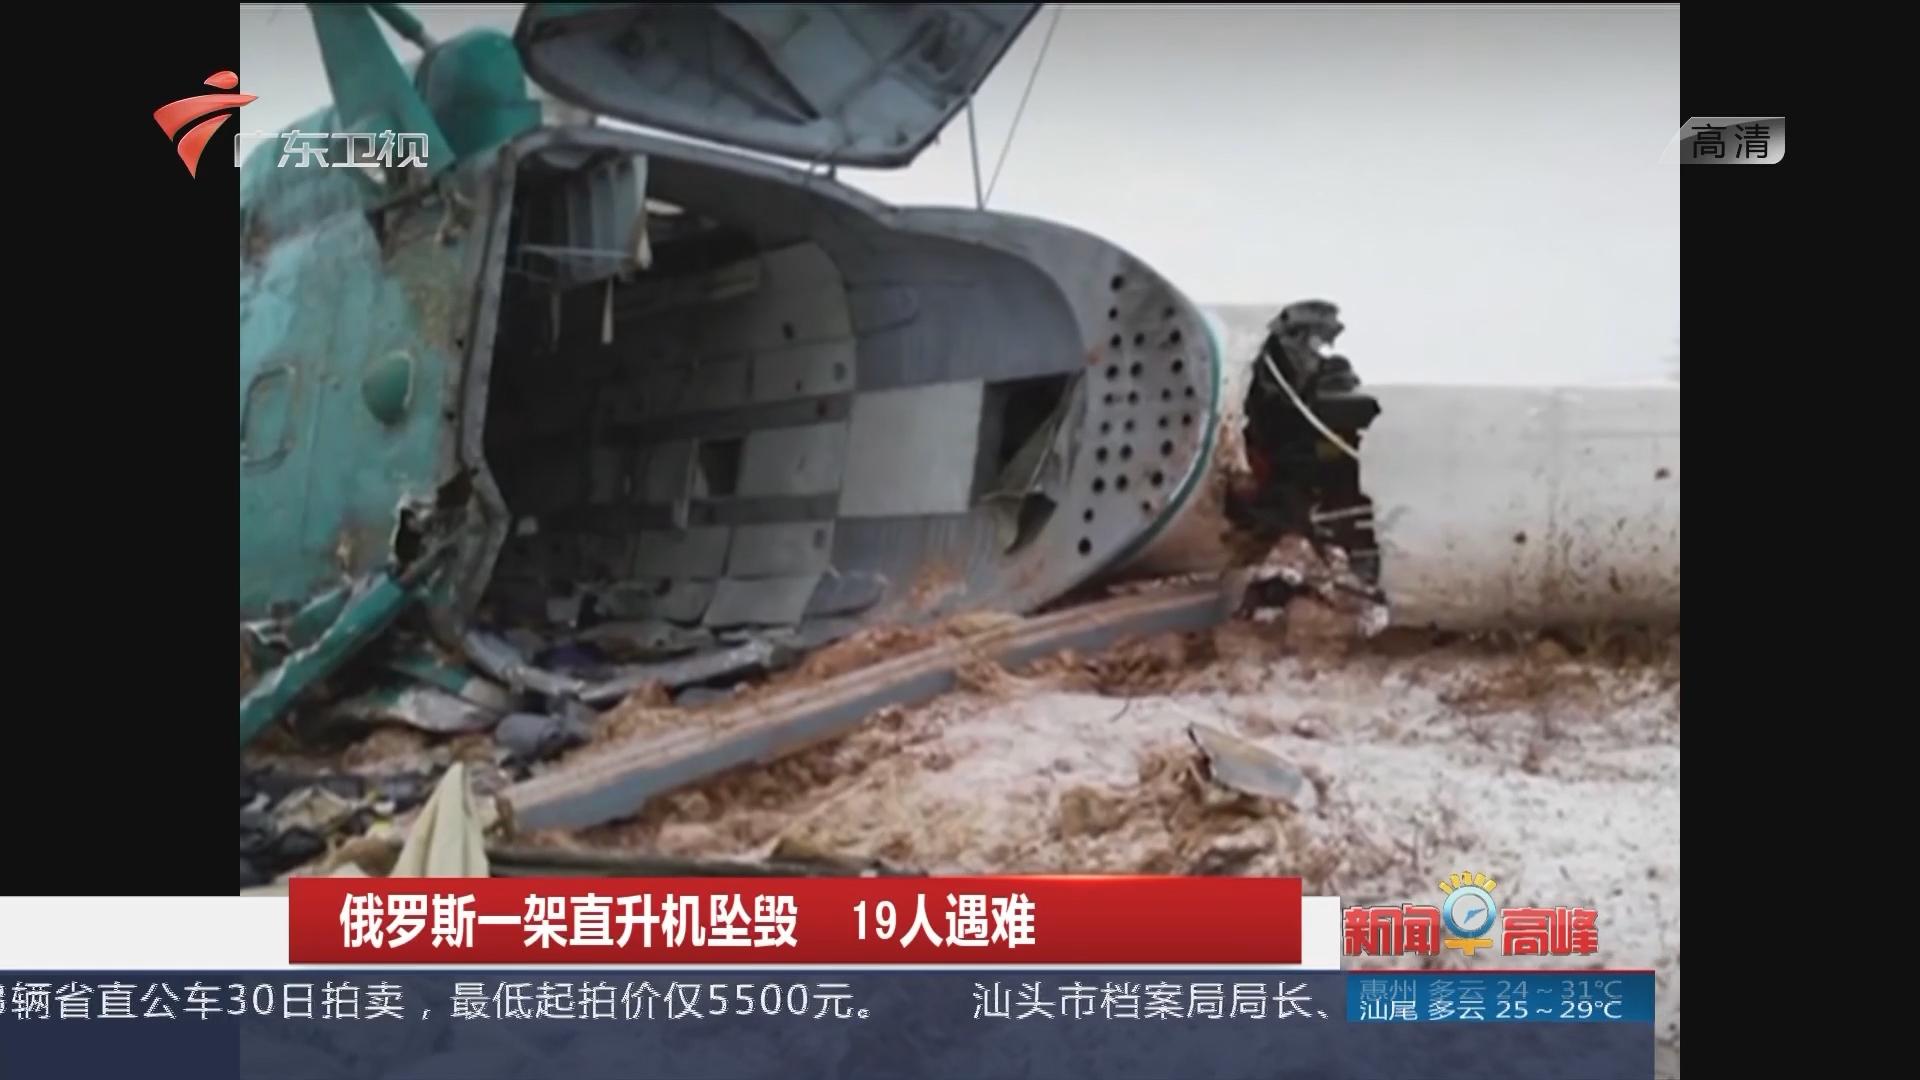 俄罗斯一架直升机坠毁